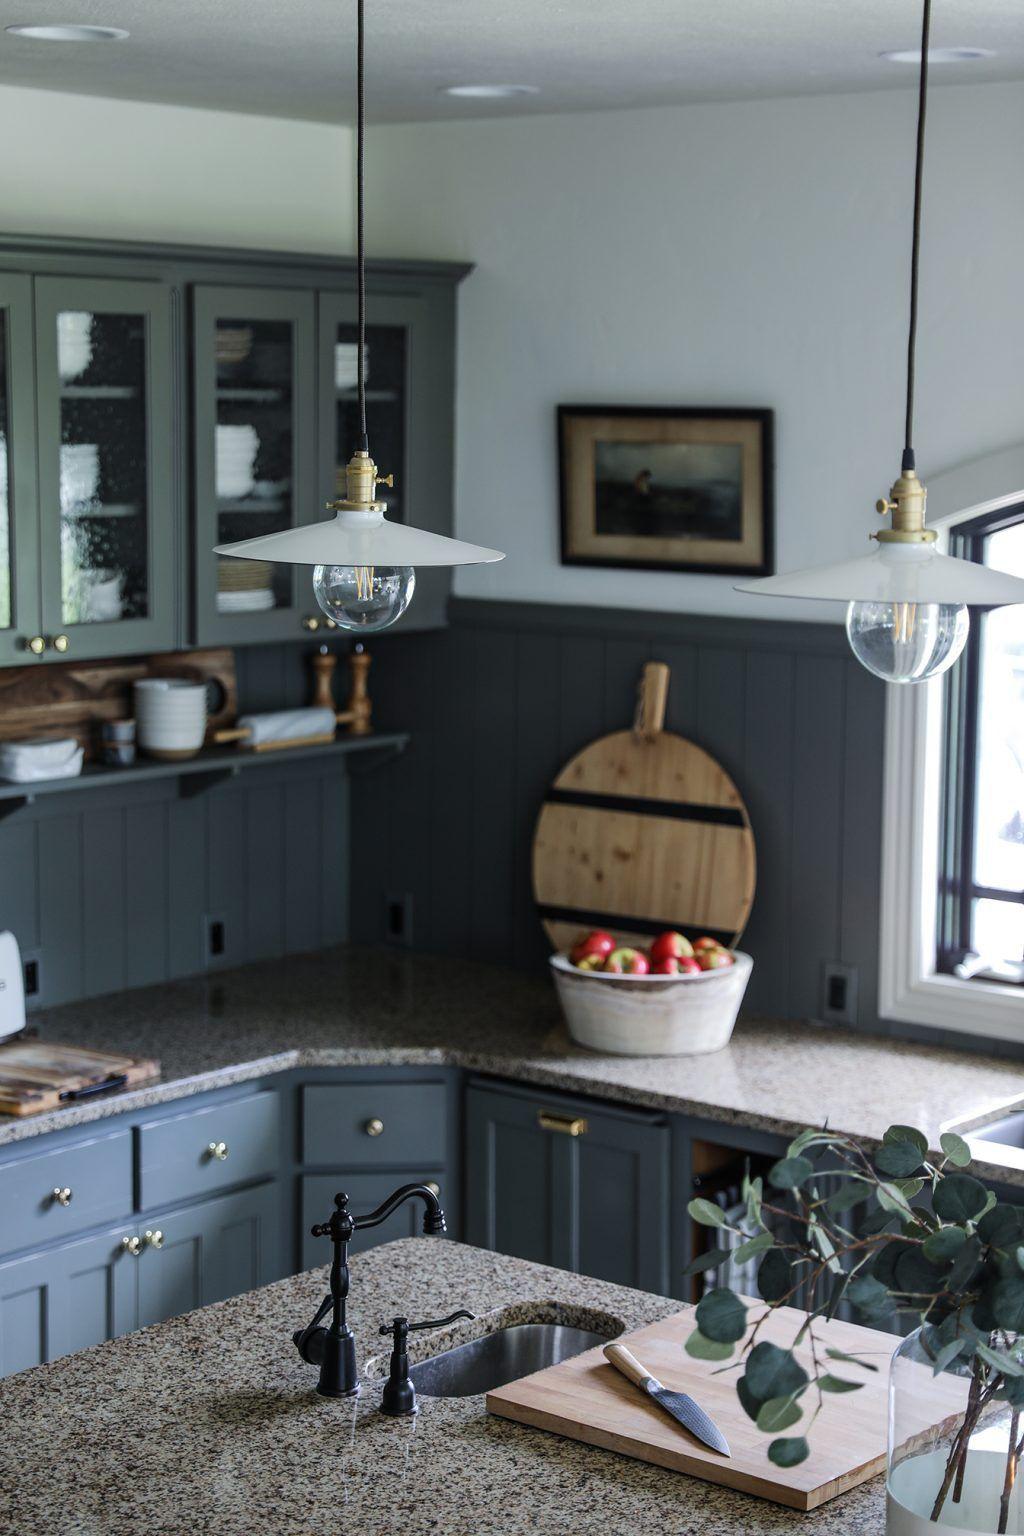 Unsere Modern Cottage Kitchen Makeover (günstig